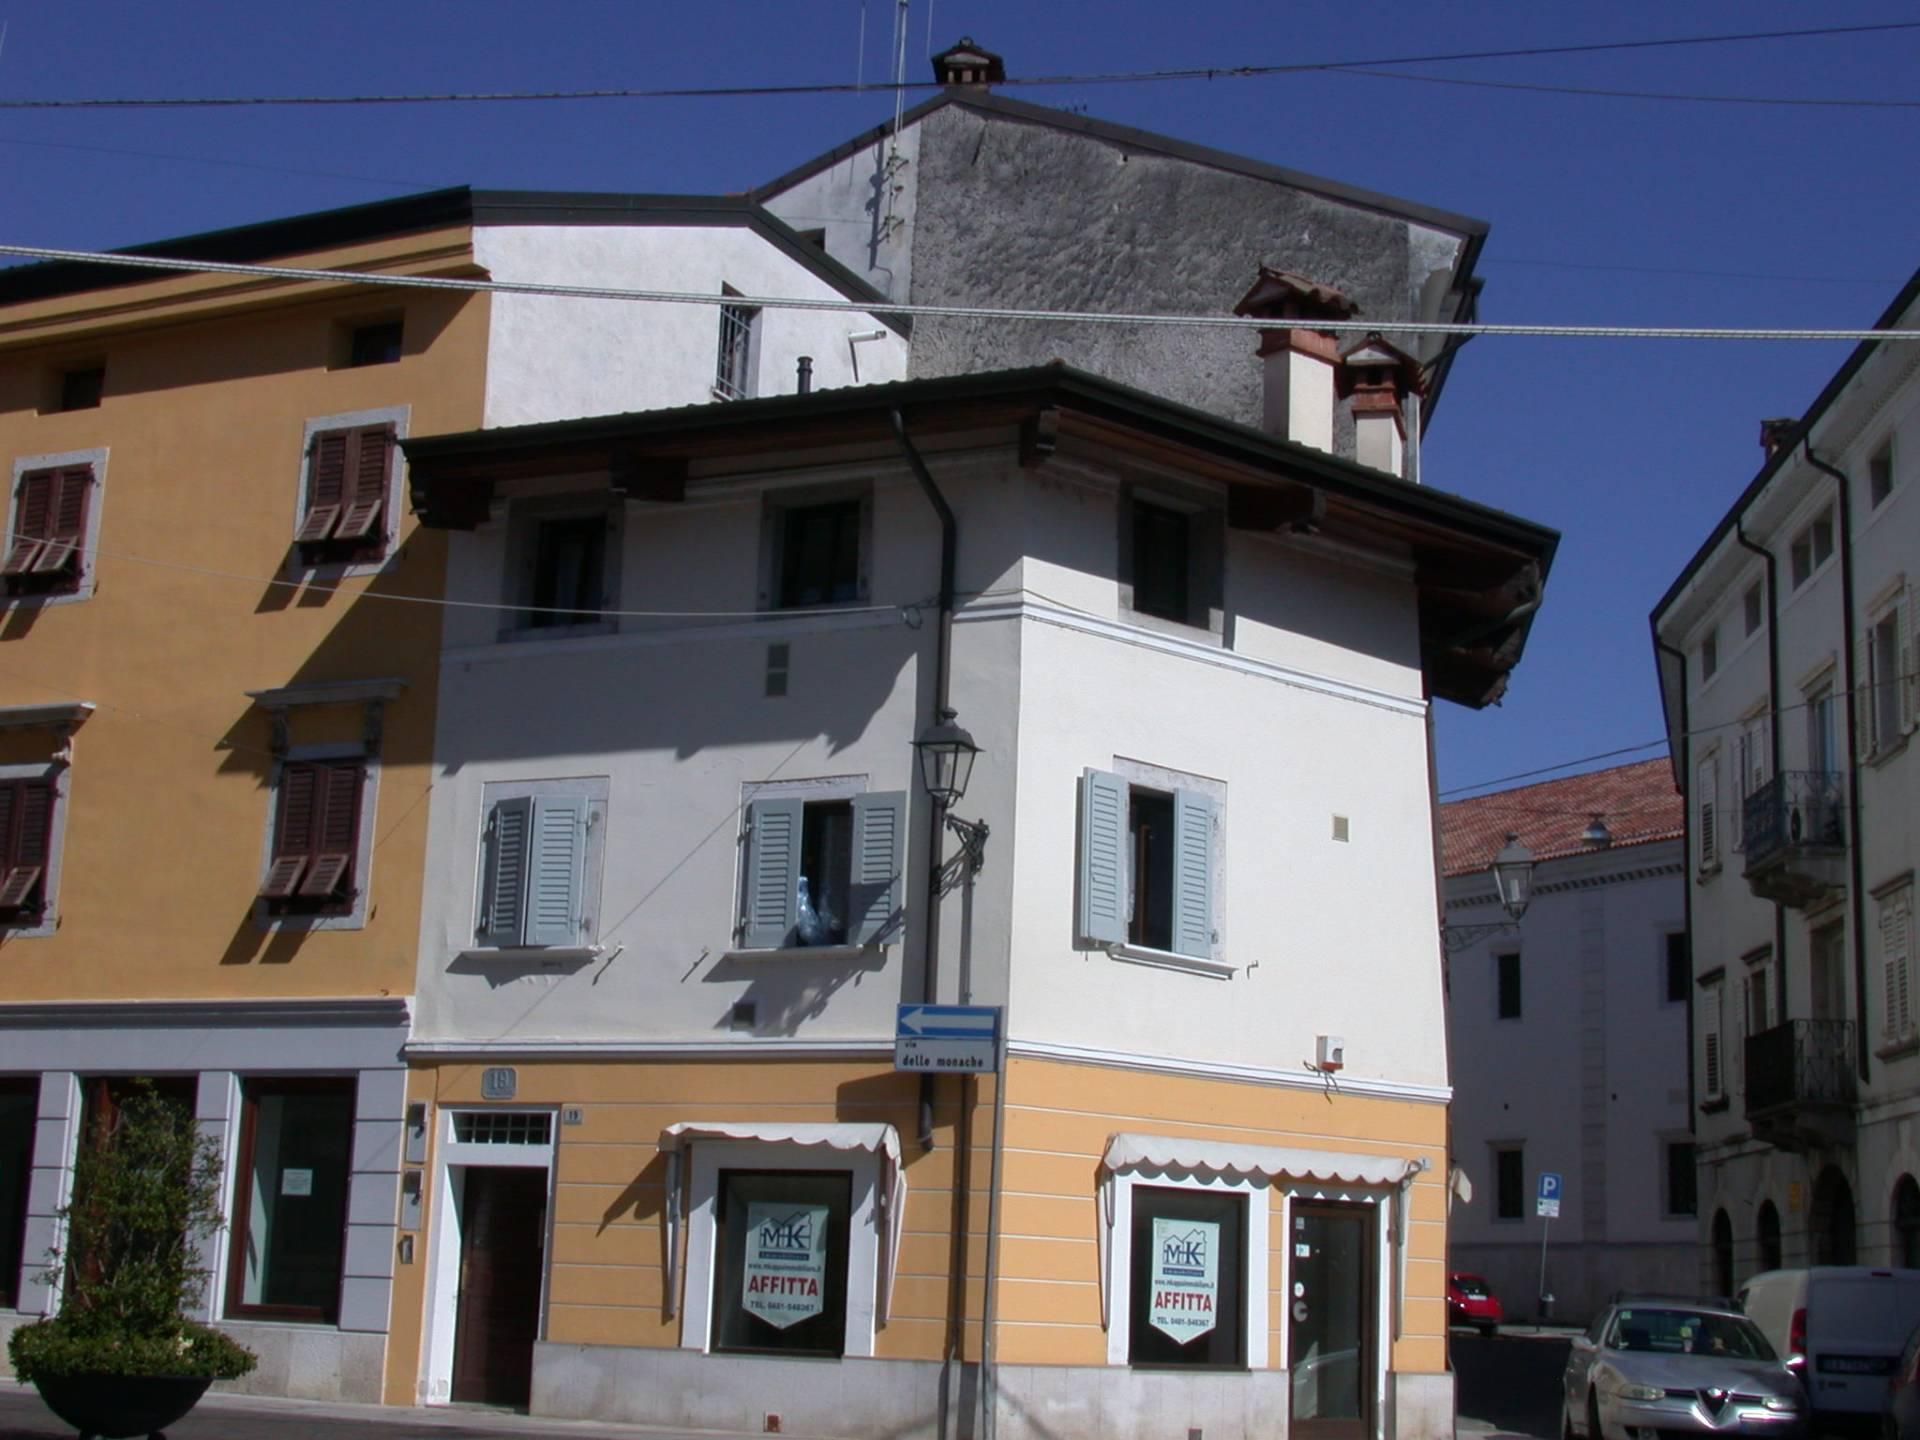 Appartamento in affitto a Gorizia, 3 locali, zona Località: Centrostorico, prezzo € 380 | CambioCasa.it